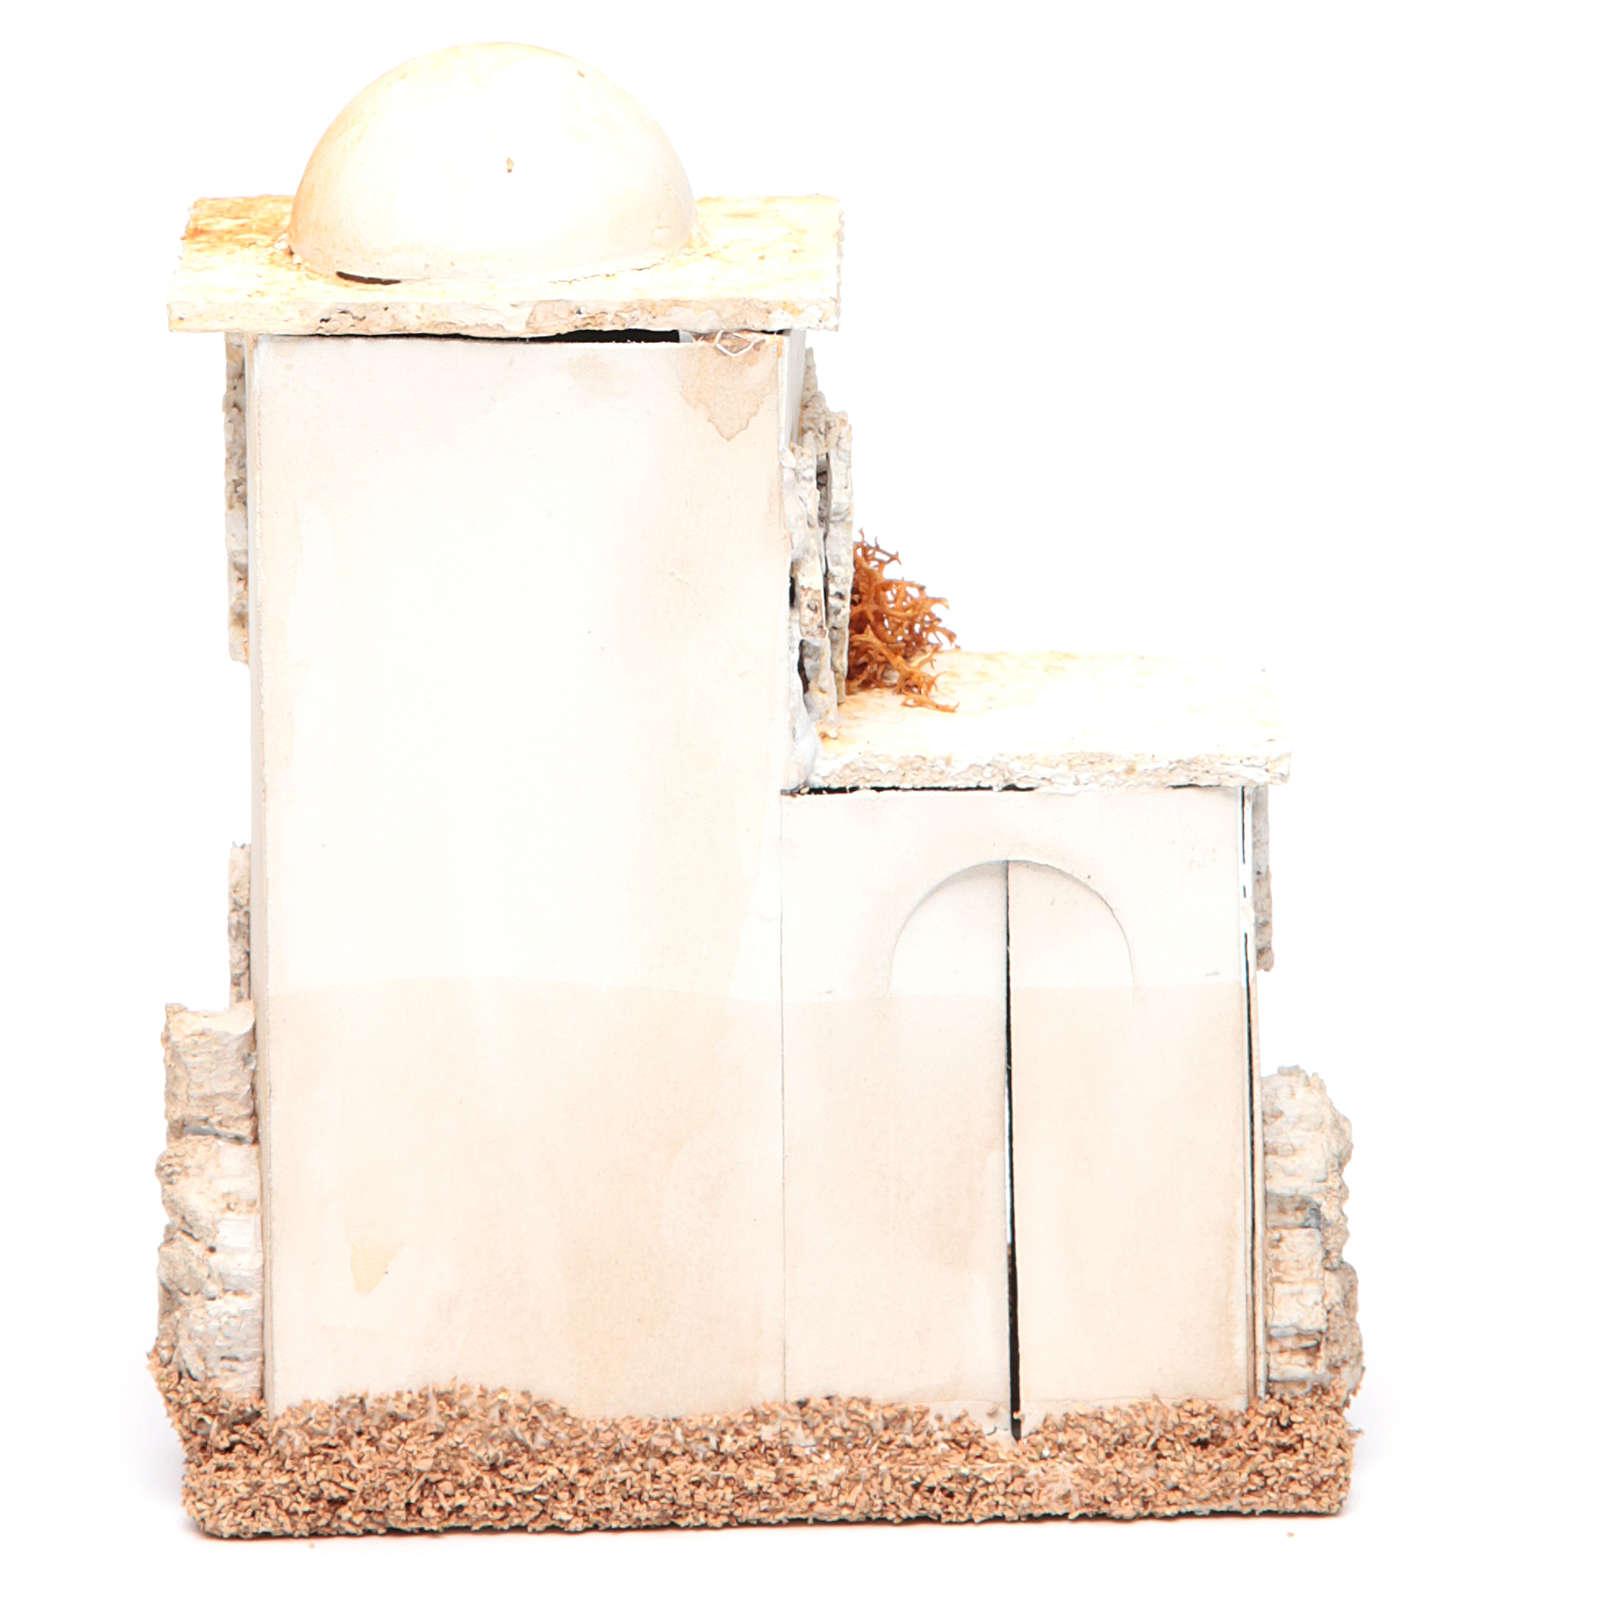 Minareto presepe 14x11x8 cm 4